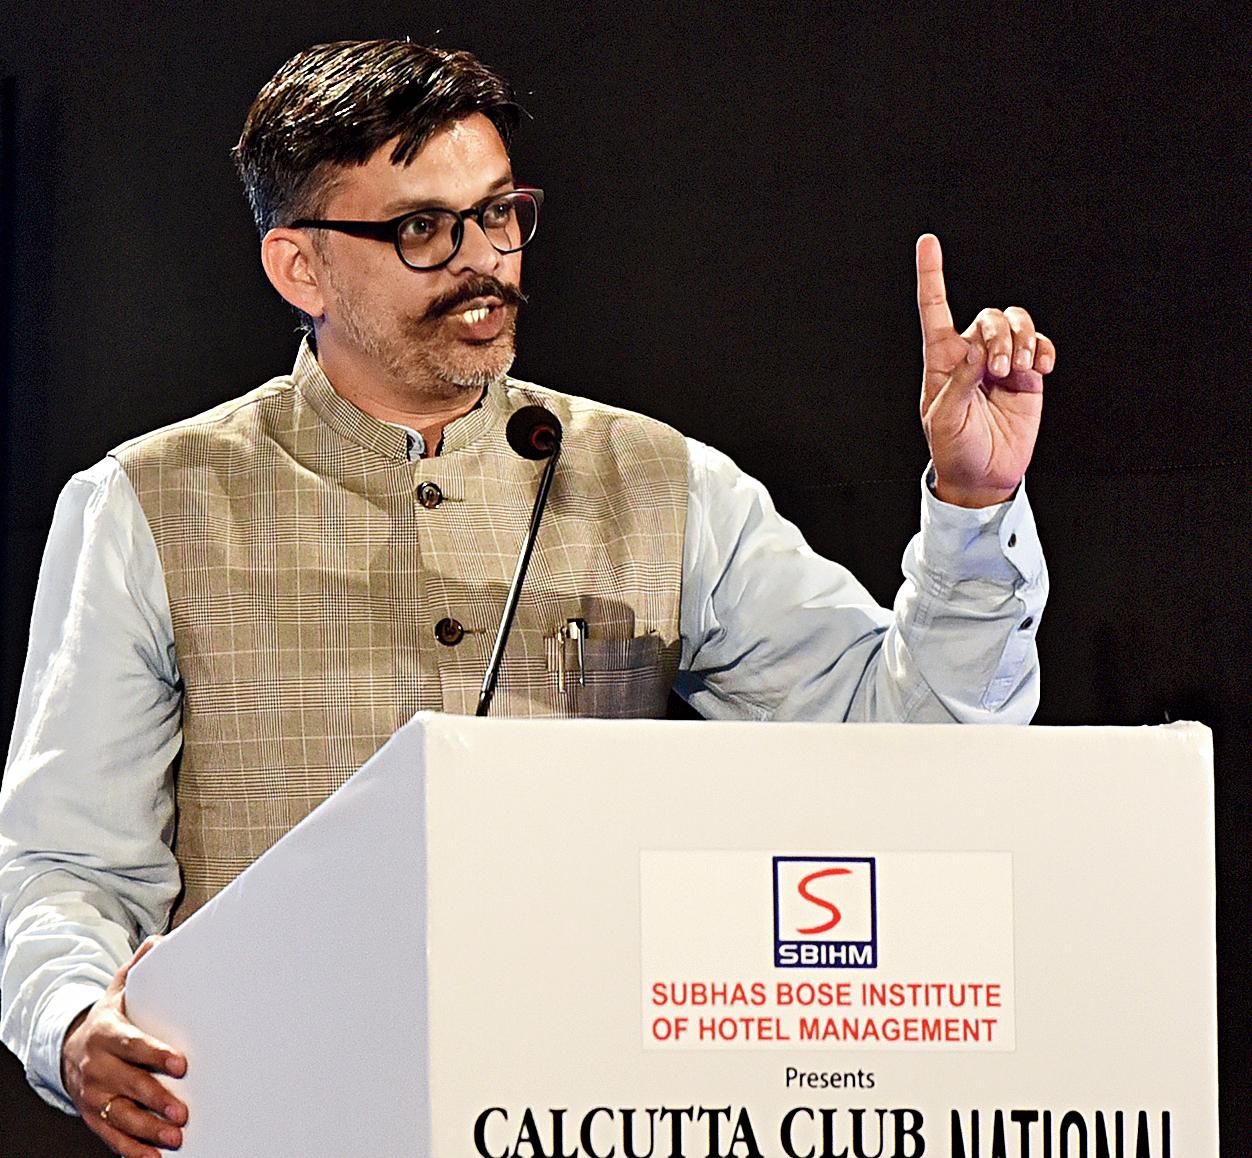 Against the motion Prafulla Ketkar